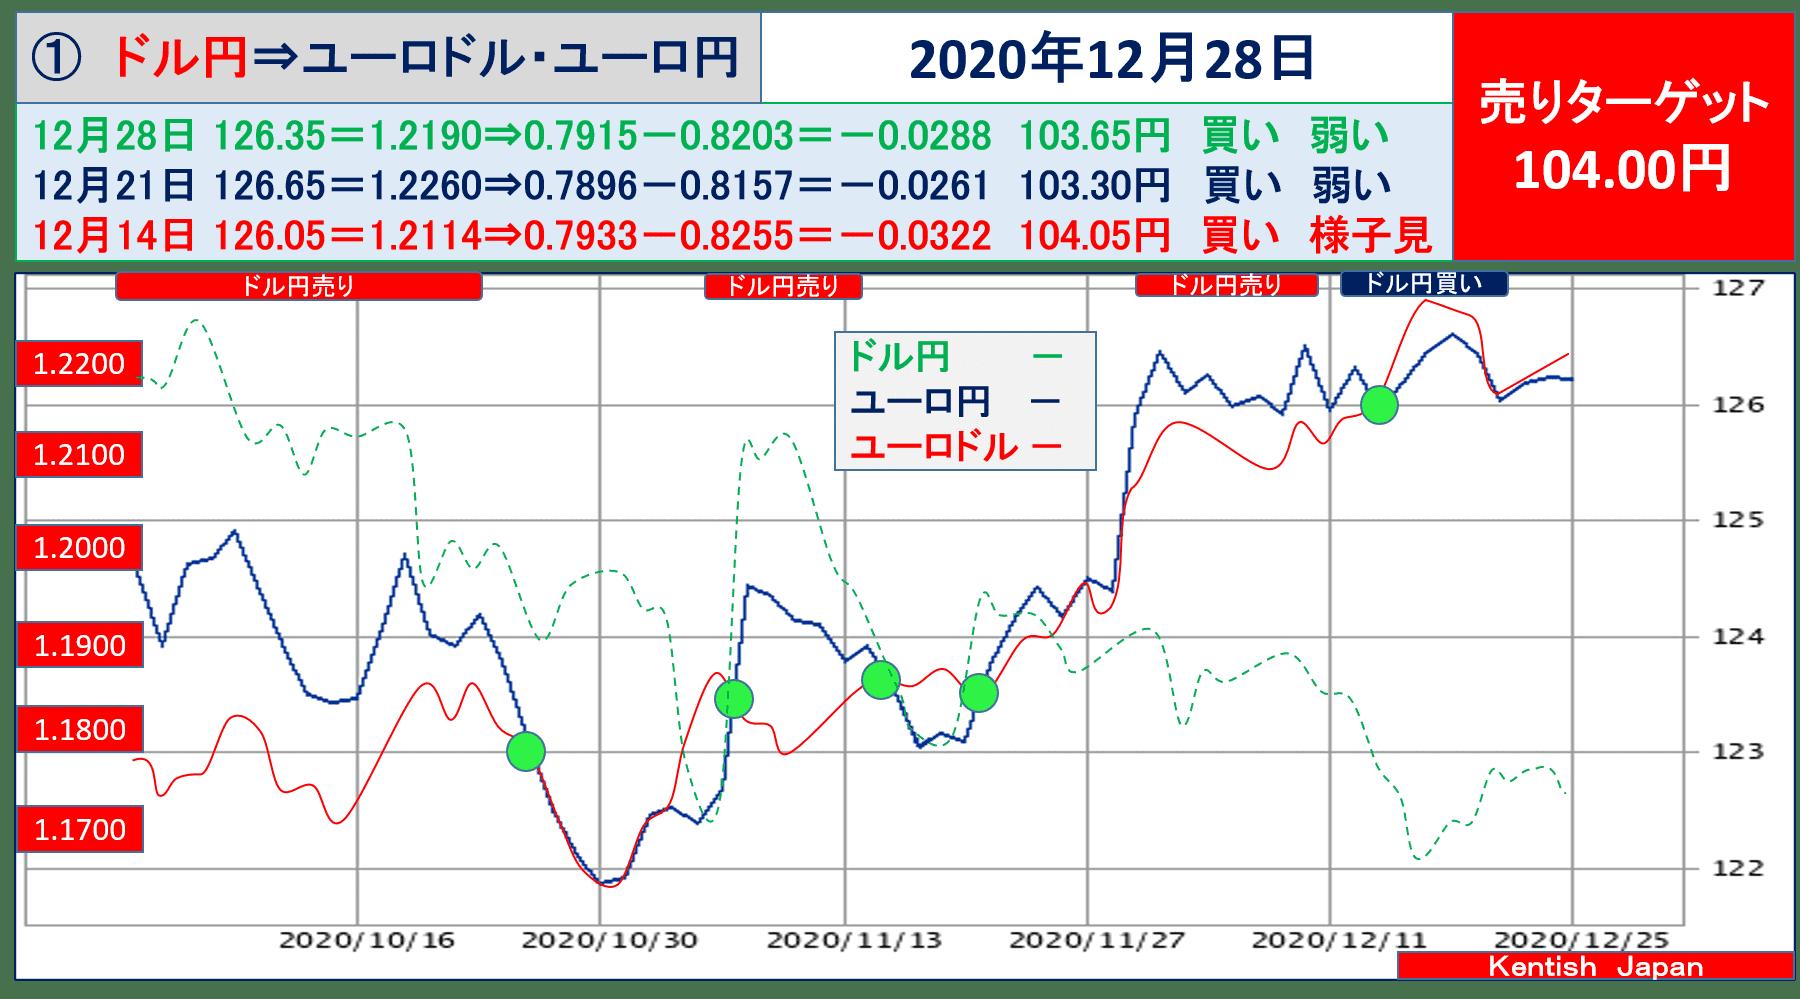 2020年12月28日週ドル円⇔ユーロから見るドル円相場(ユーロドル⇔ユーロ円)